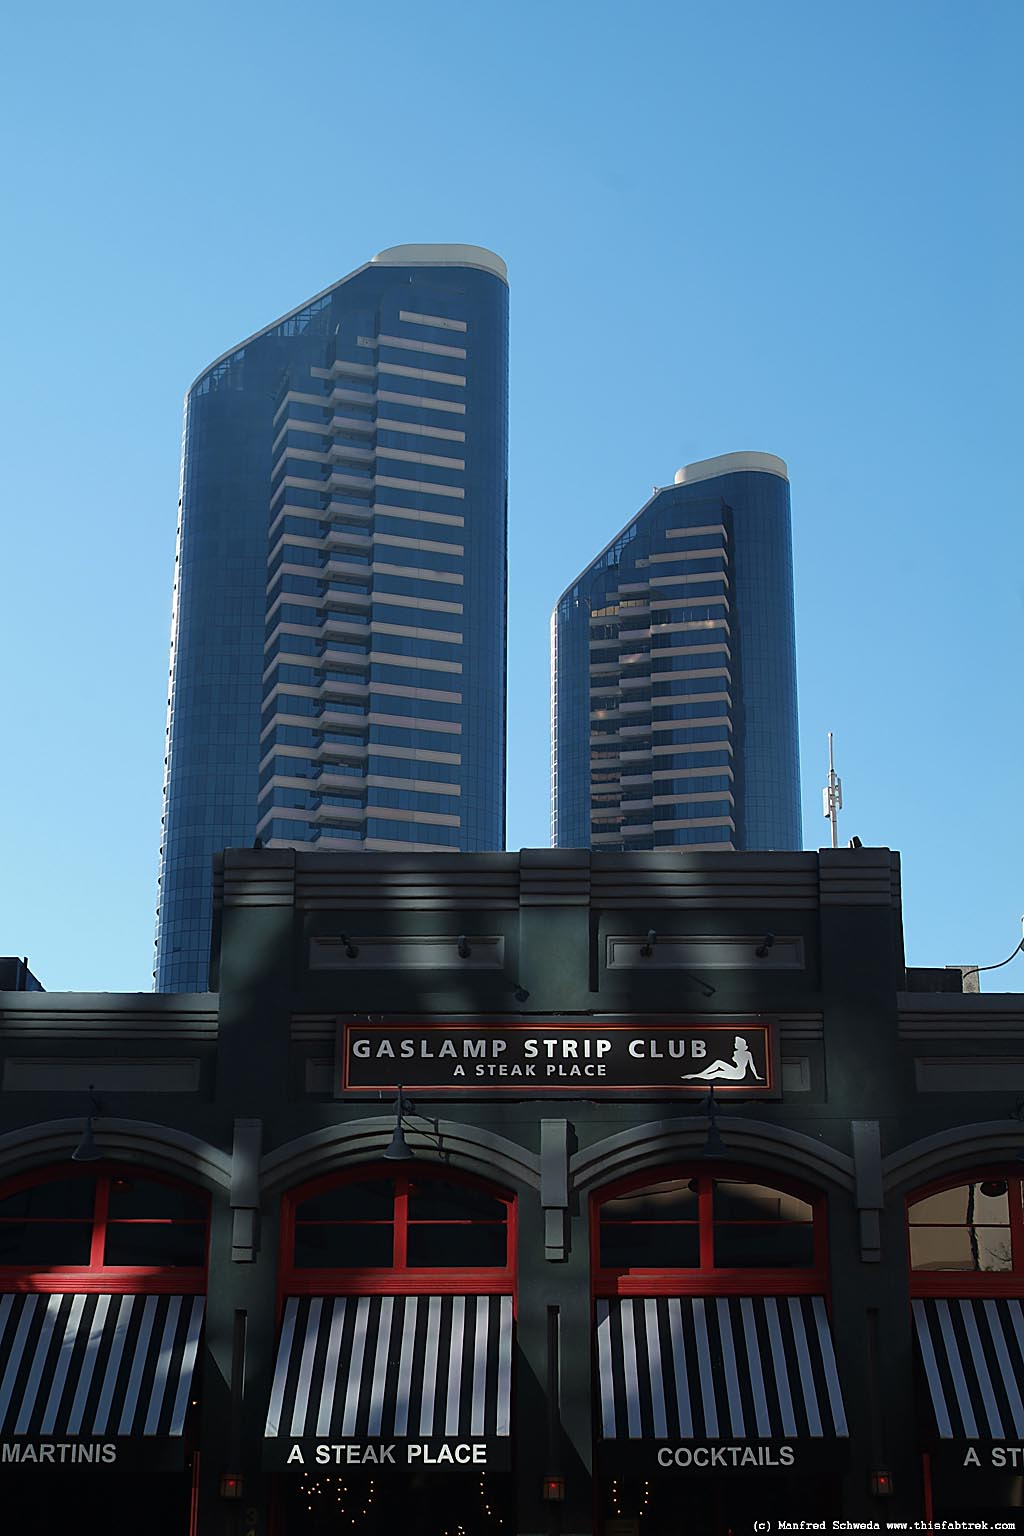 San diego gaslamp strip club